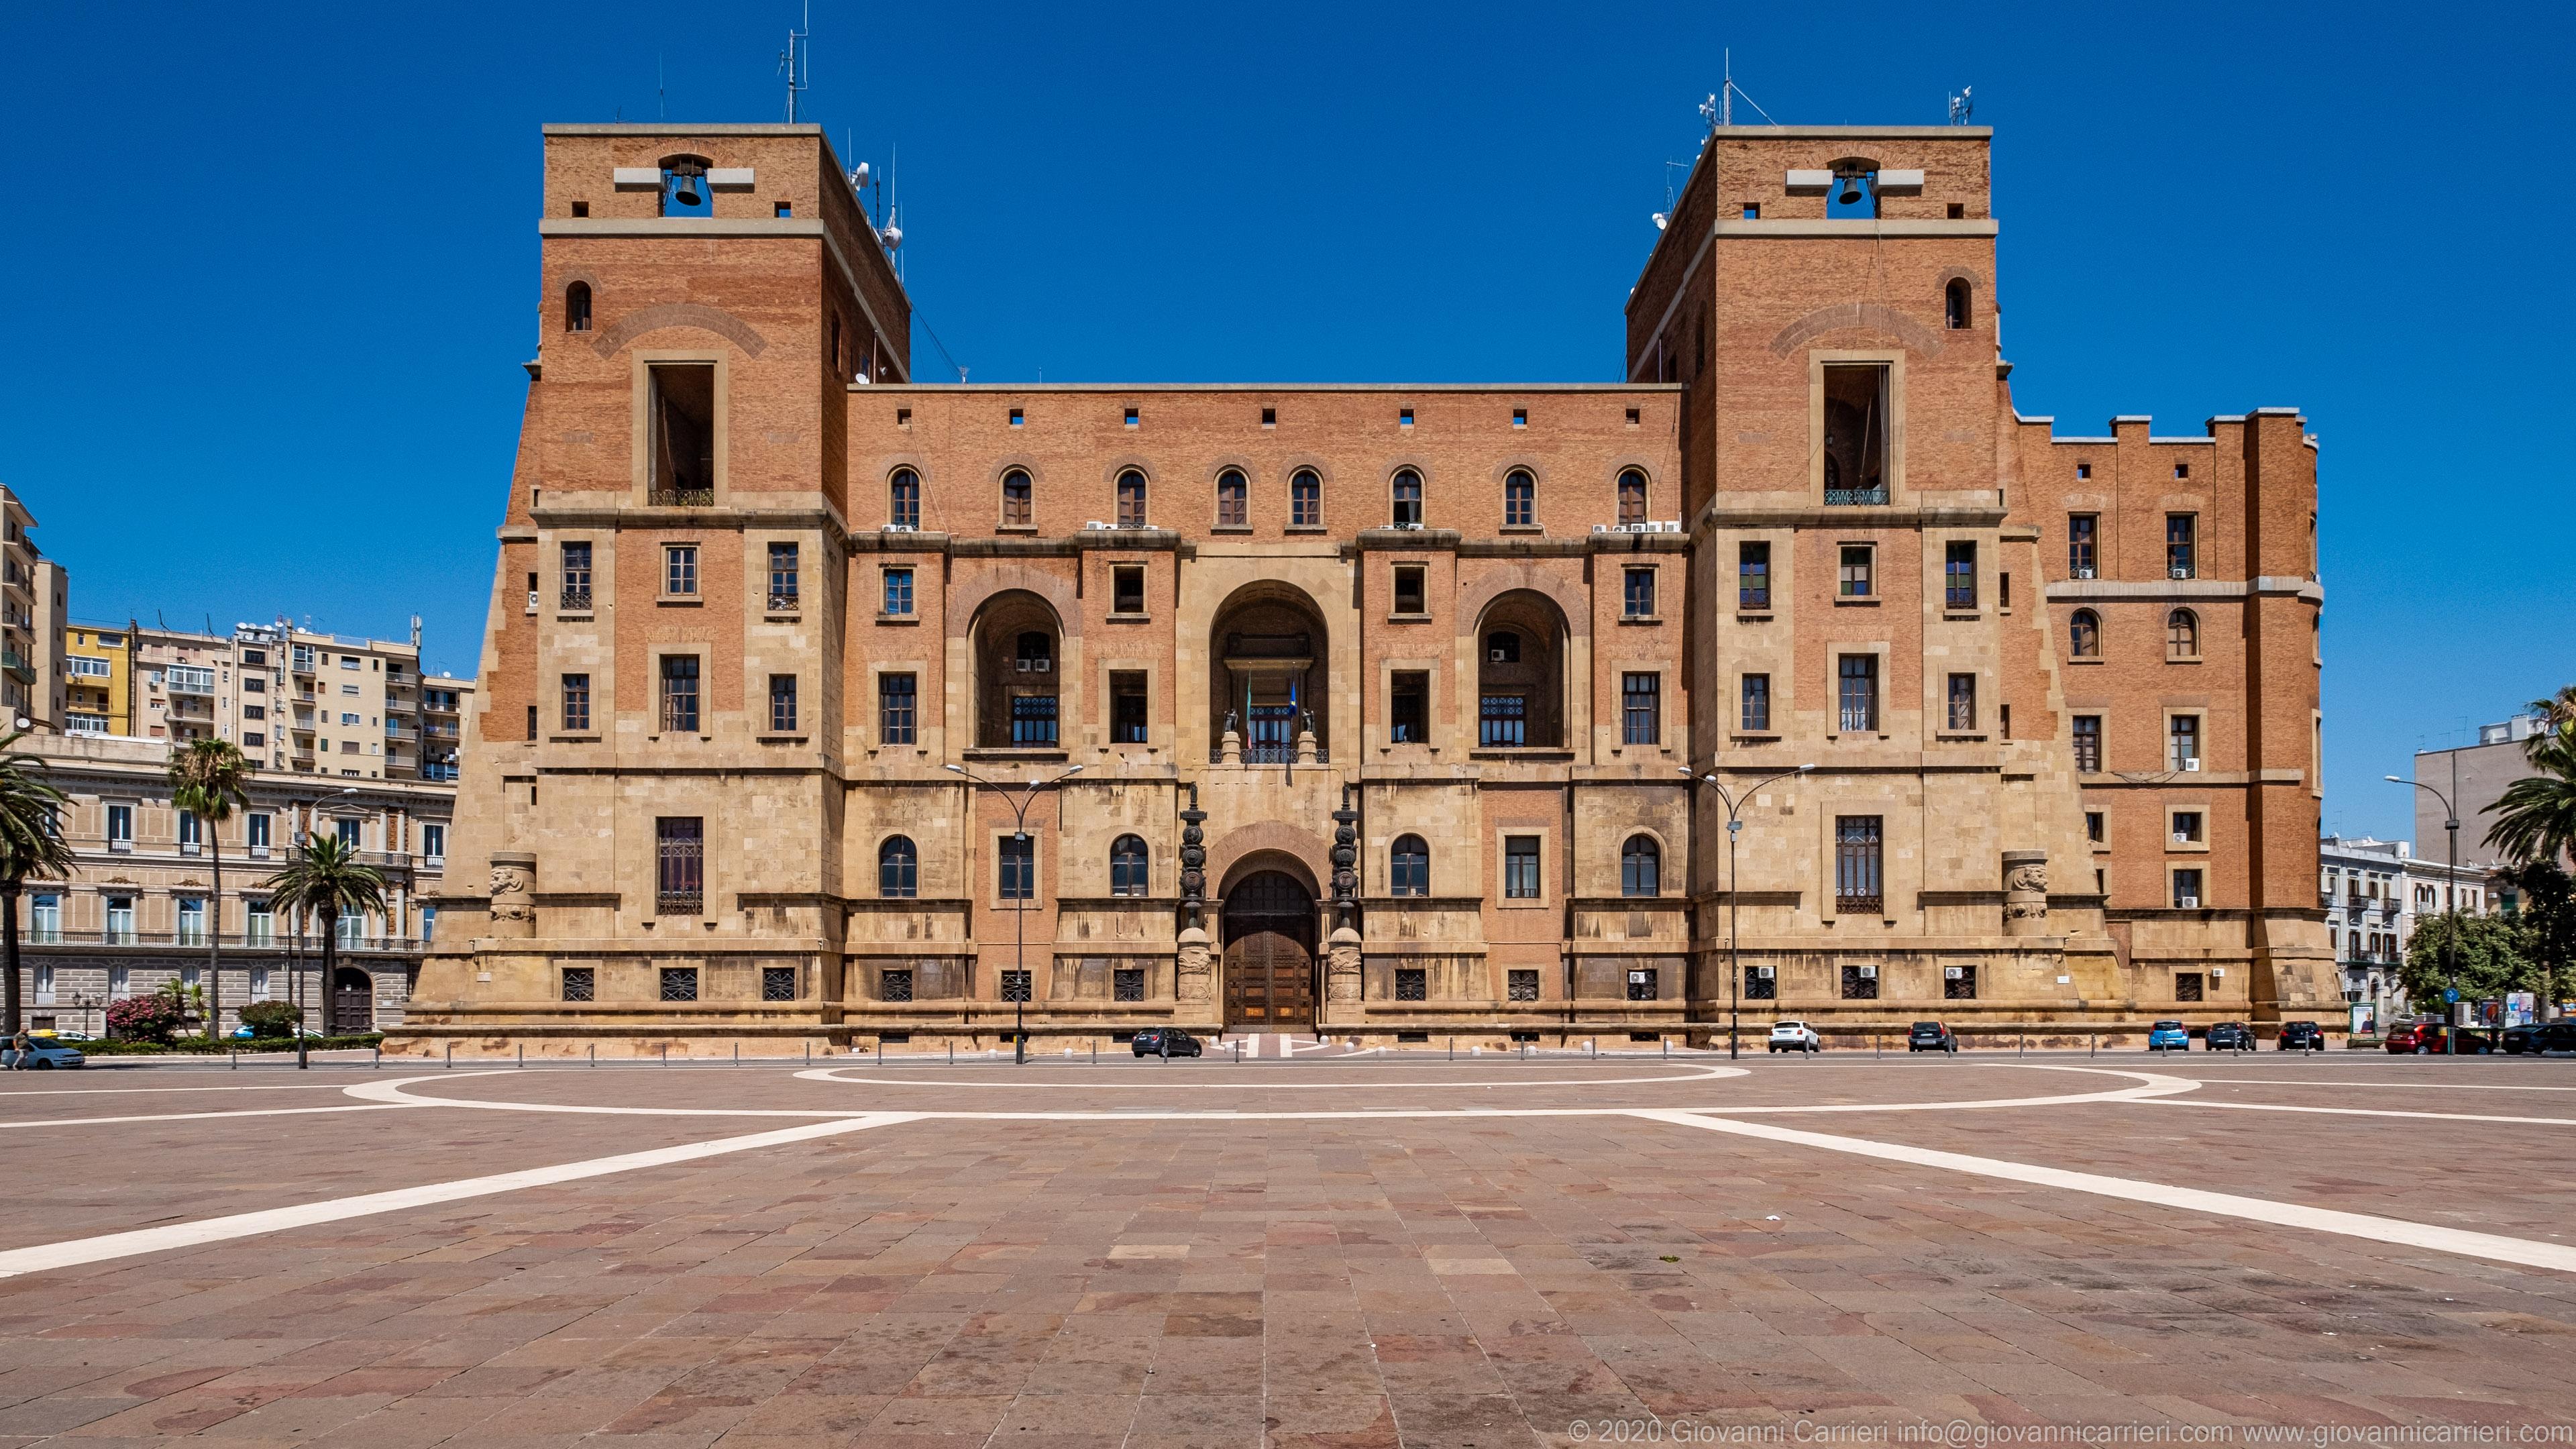 Palazzo del Governo Il palazzo del Governo di Taranto, sede della Prefettura e dell'amministrazione provinciale, inaugurato il 7 settembre 1934 da Benito Mussolini